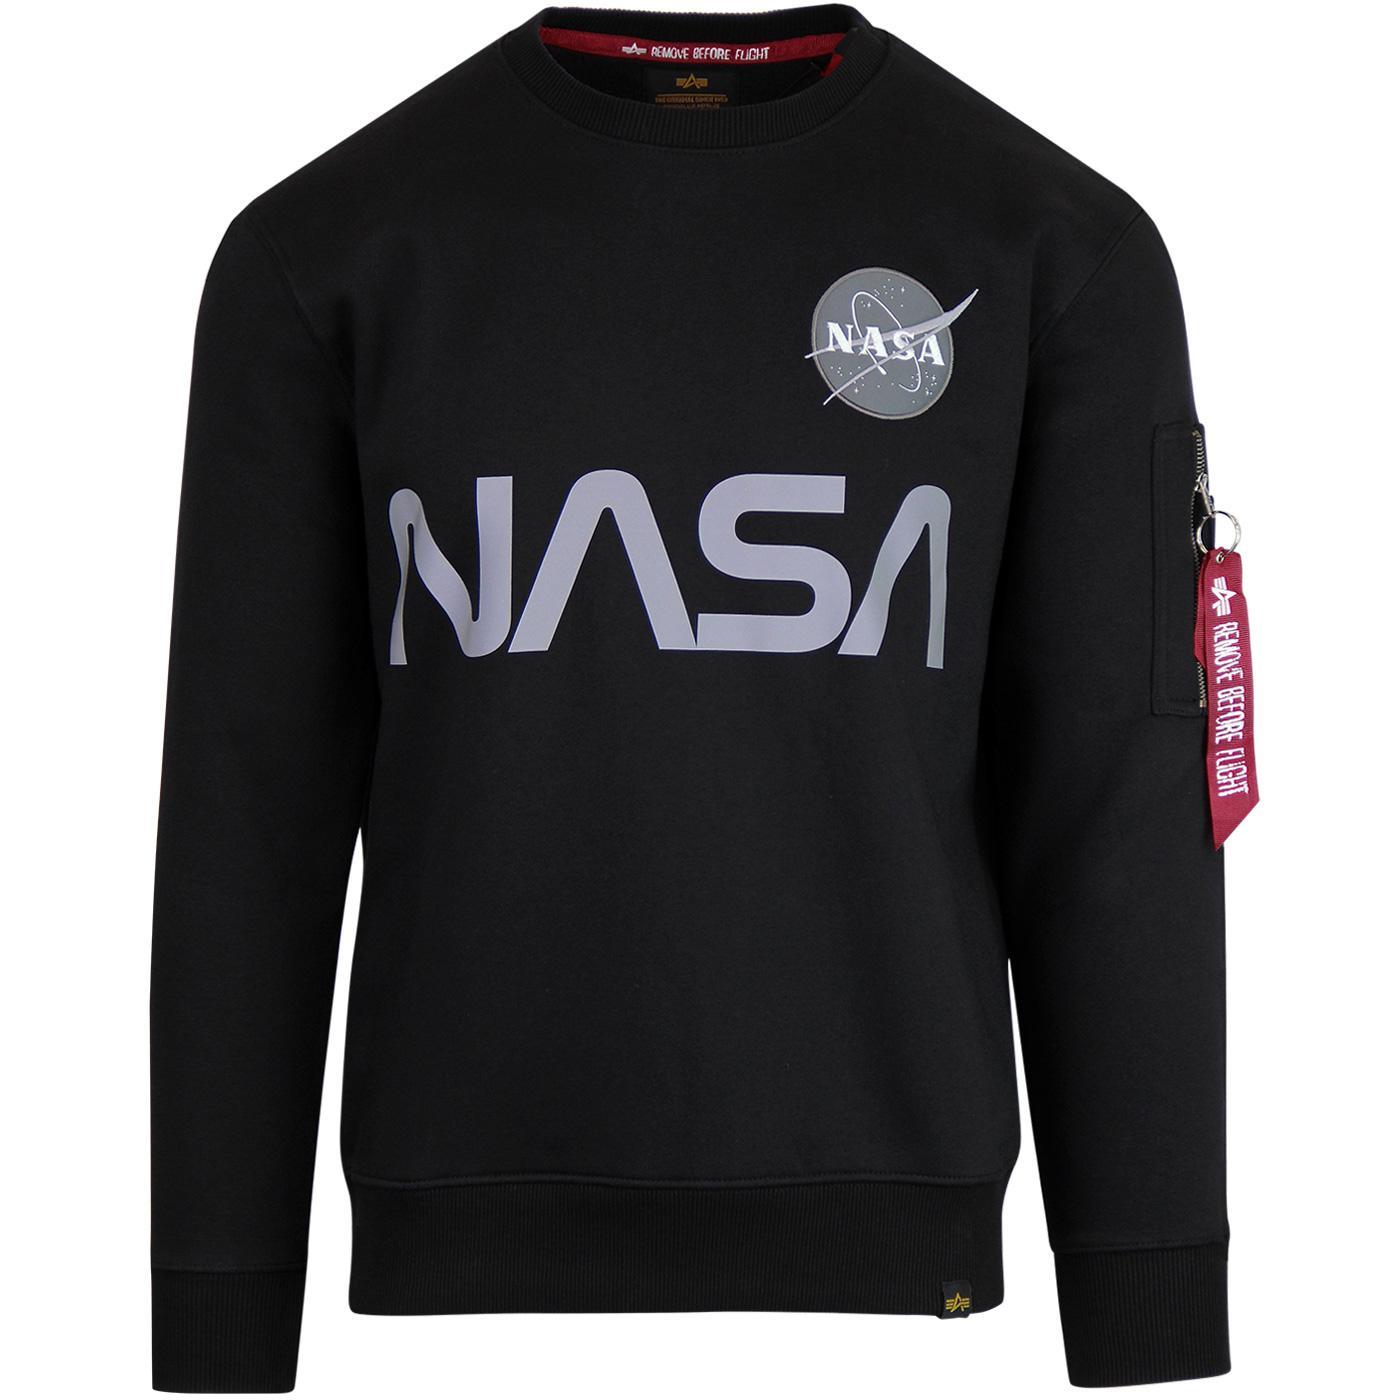 ALPHA INDUSTRIES Reflective NASA Sweatshirt (B)